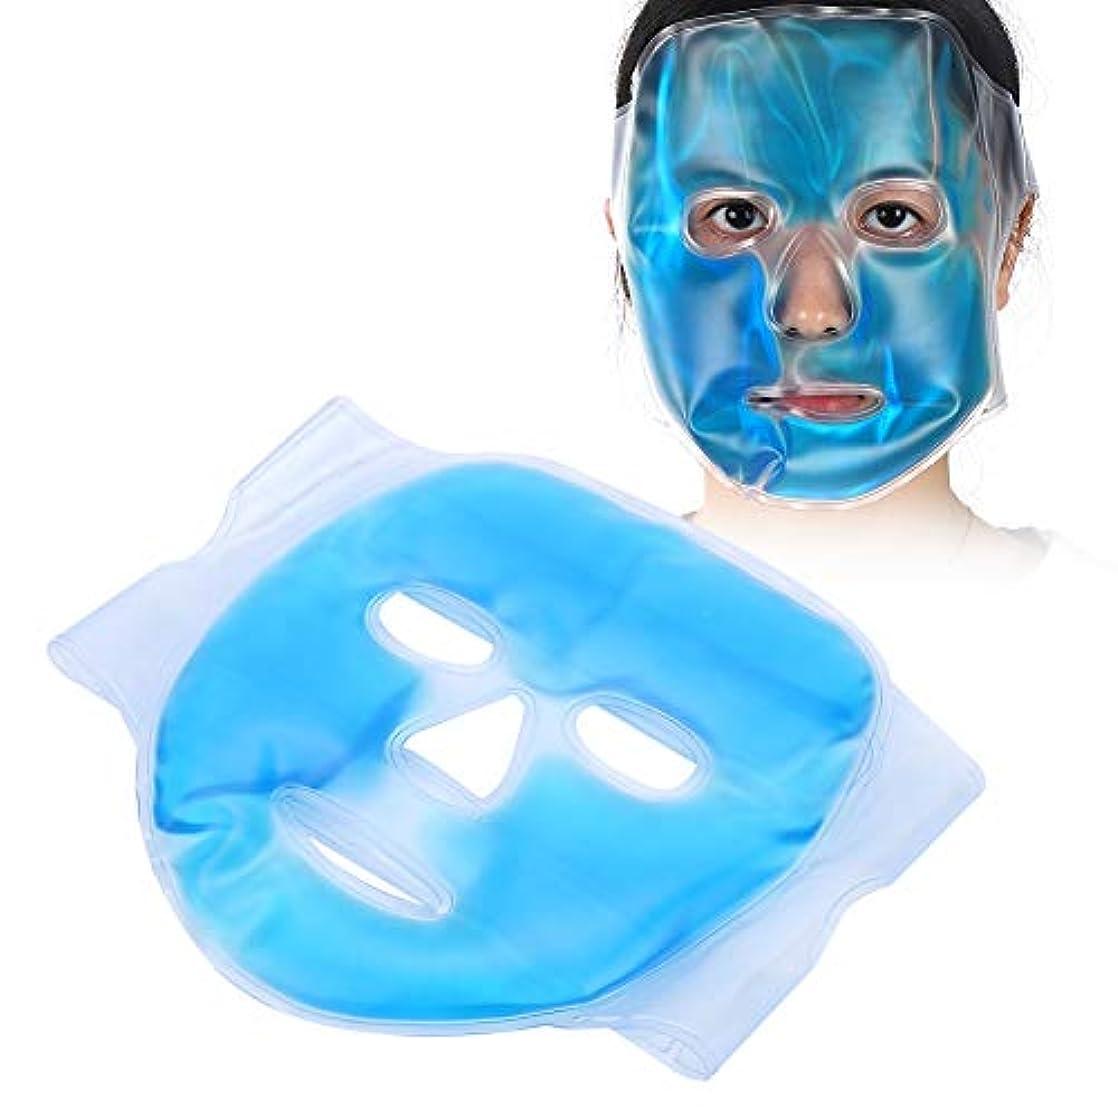 パートナー学生ハーネス保湿 ジェル ブルー フェイスマスク 疲労緩和 リラクゼーション フルフェイスクーリングマスク